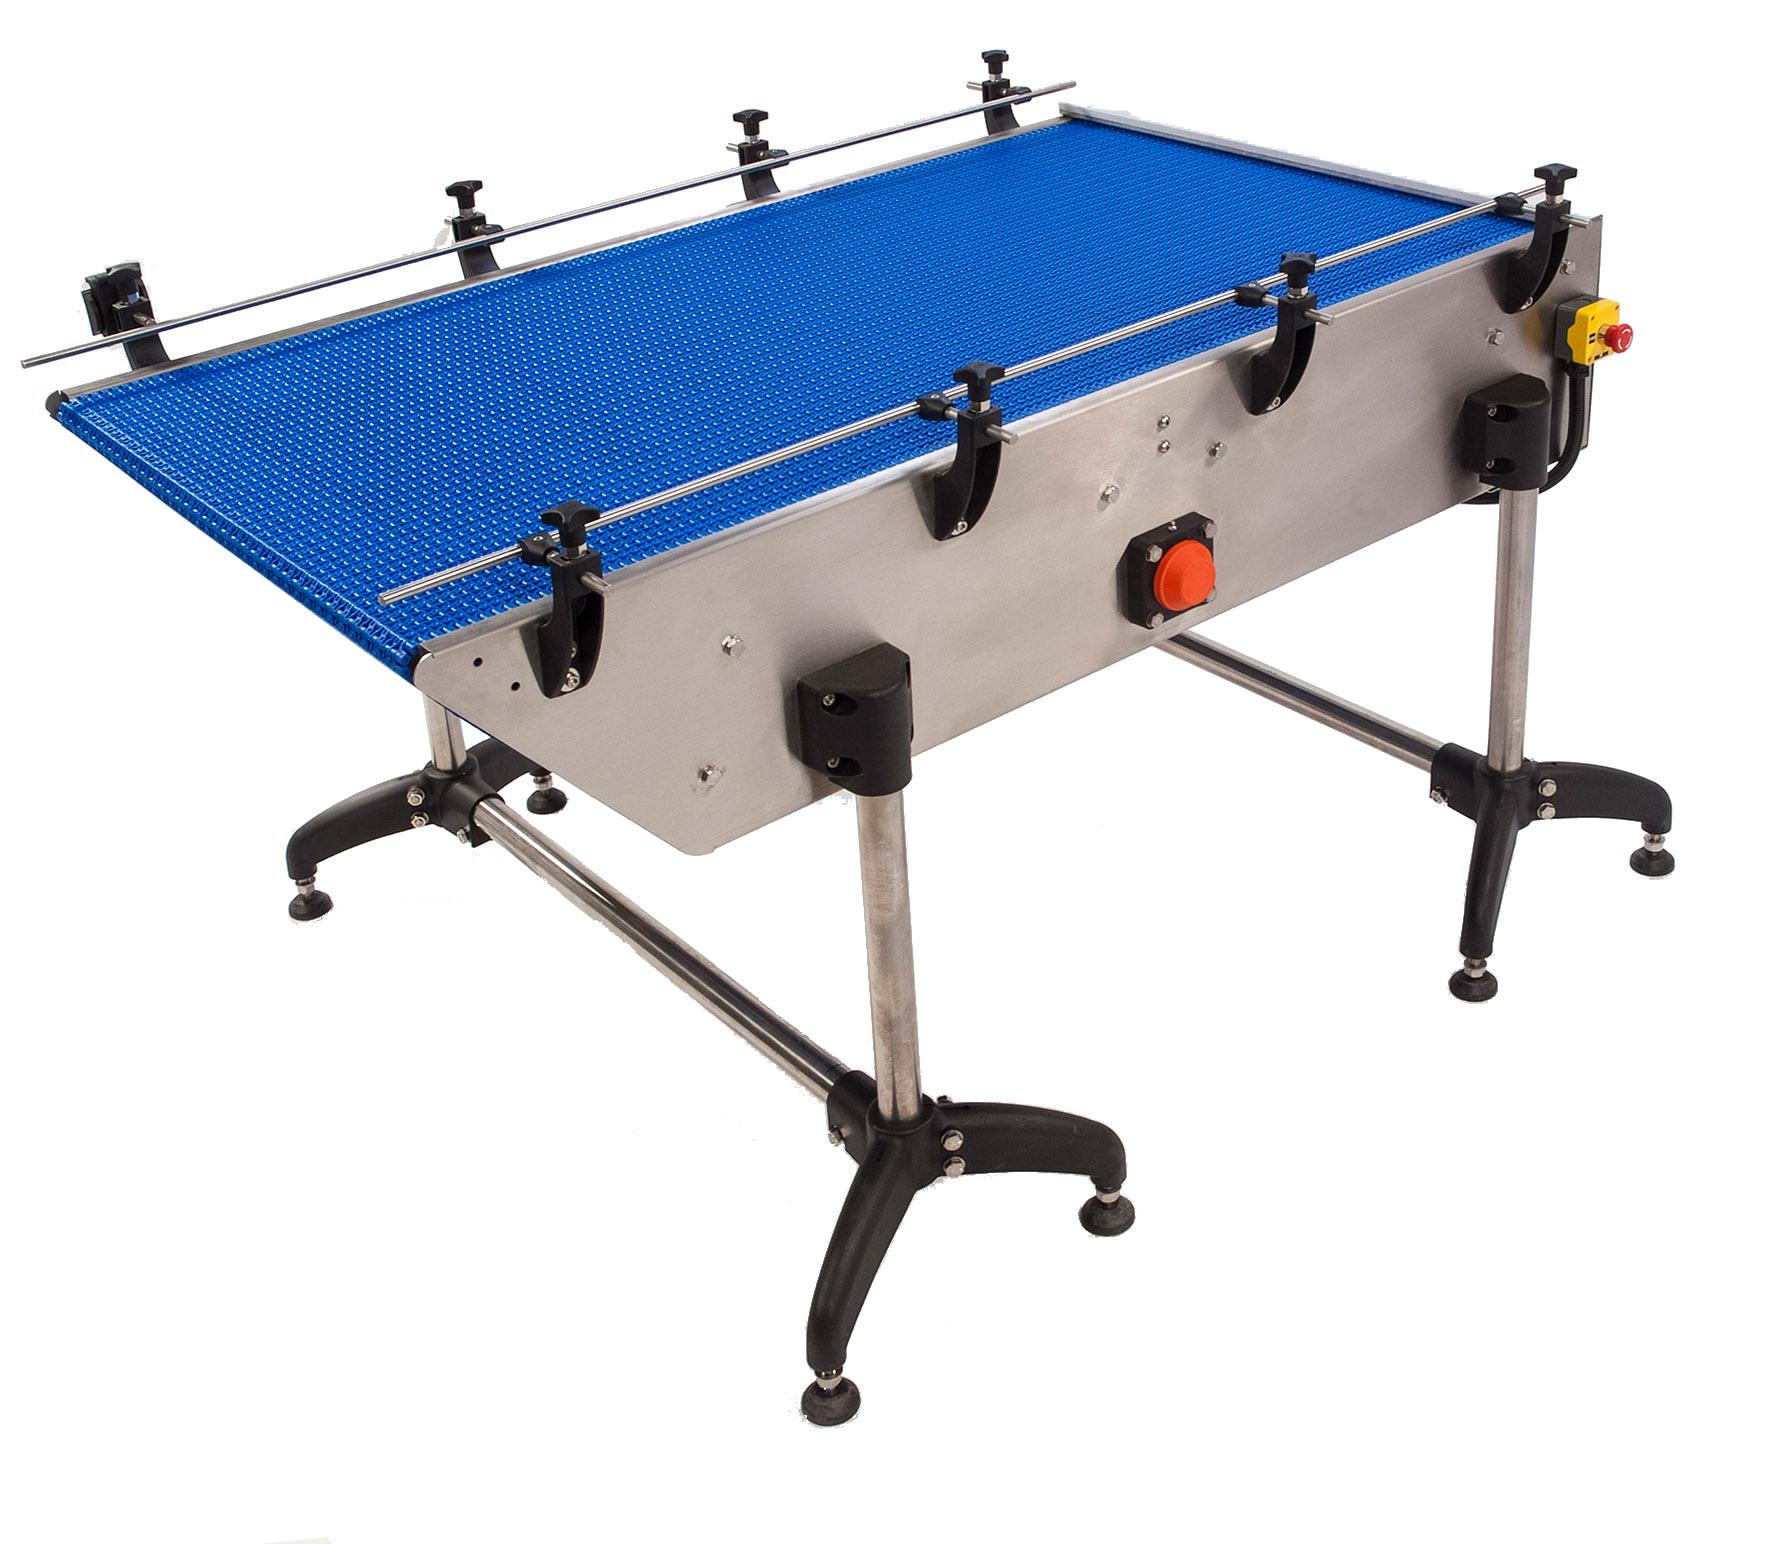 Tisch zur Be- und Entladung über modulare Förderbänder